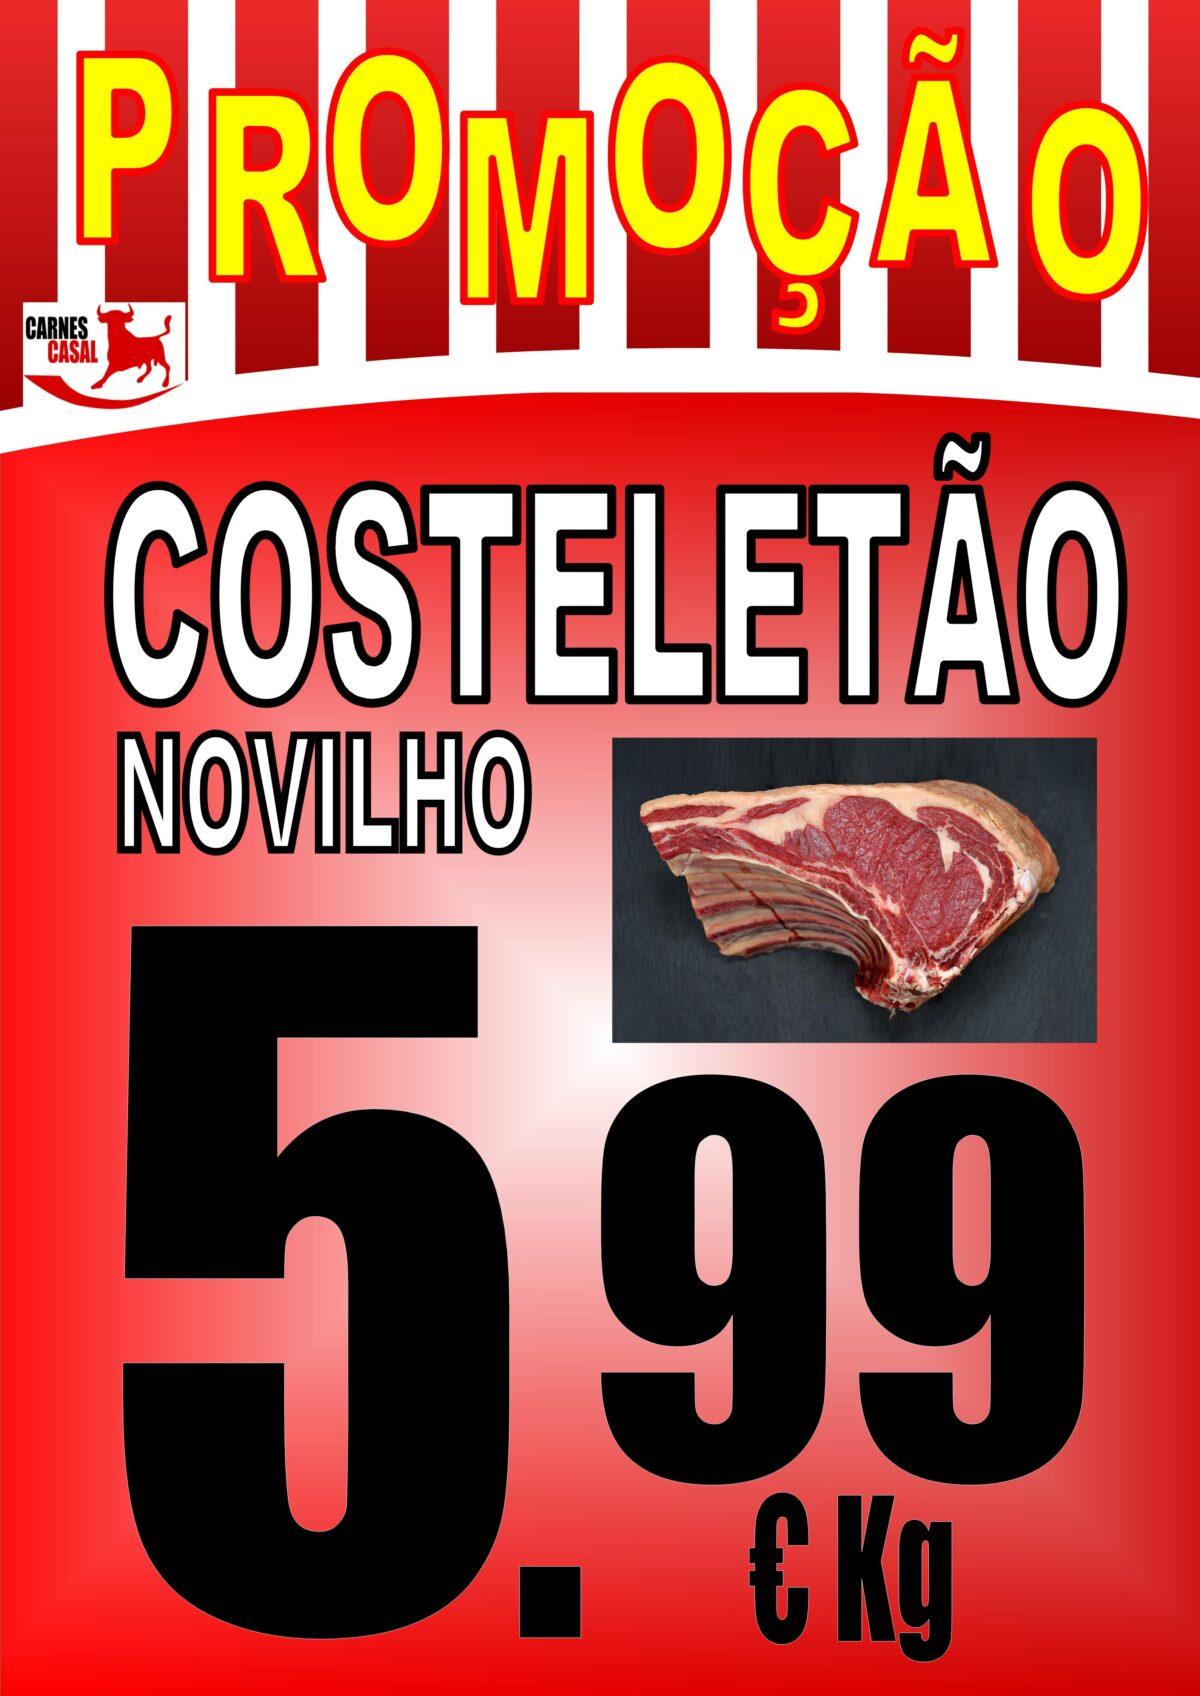 COSTELETAO